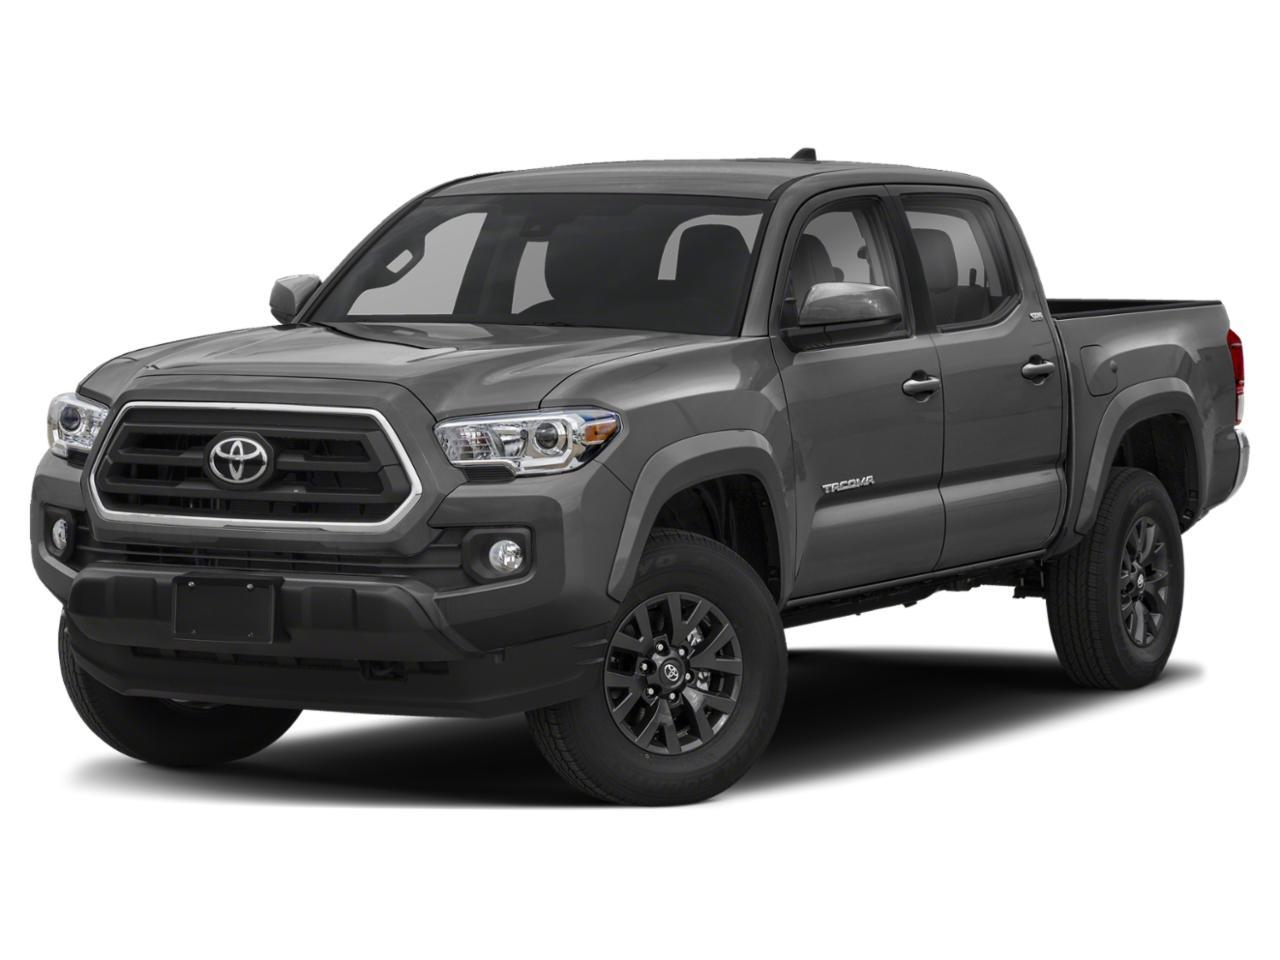 2020 Toyota Tacoma 2WD Vehicle Photo in Lafayette, LA 70503